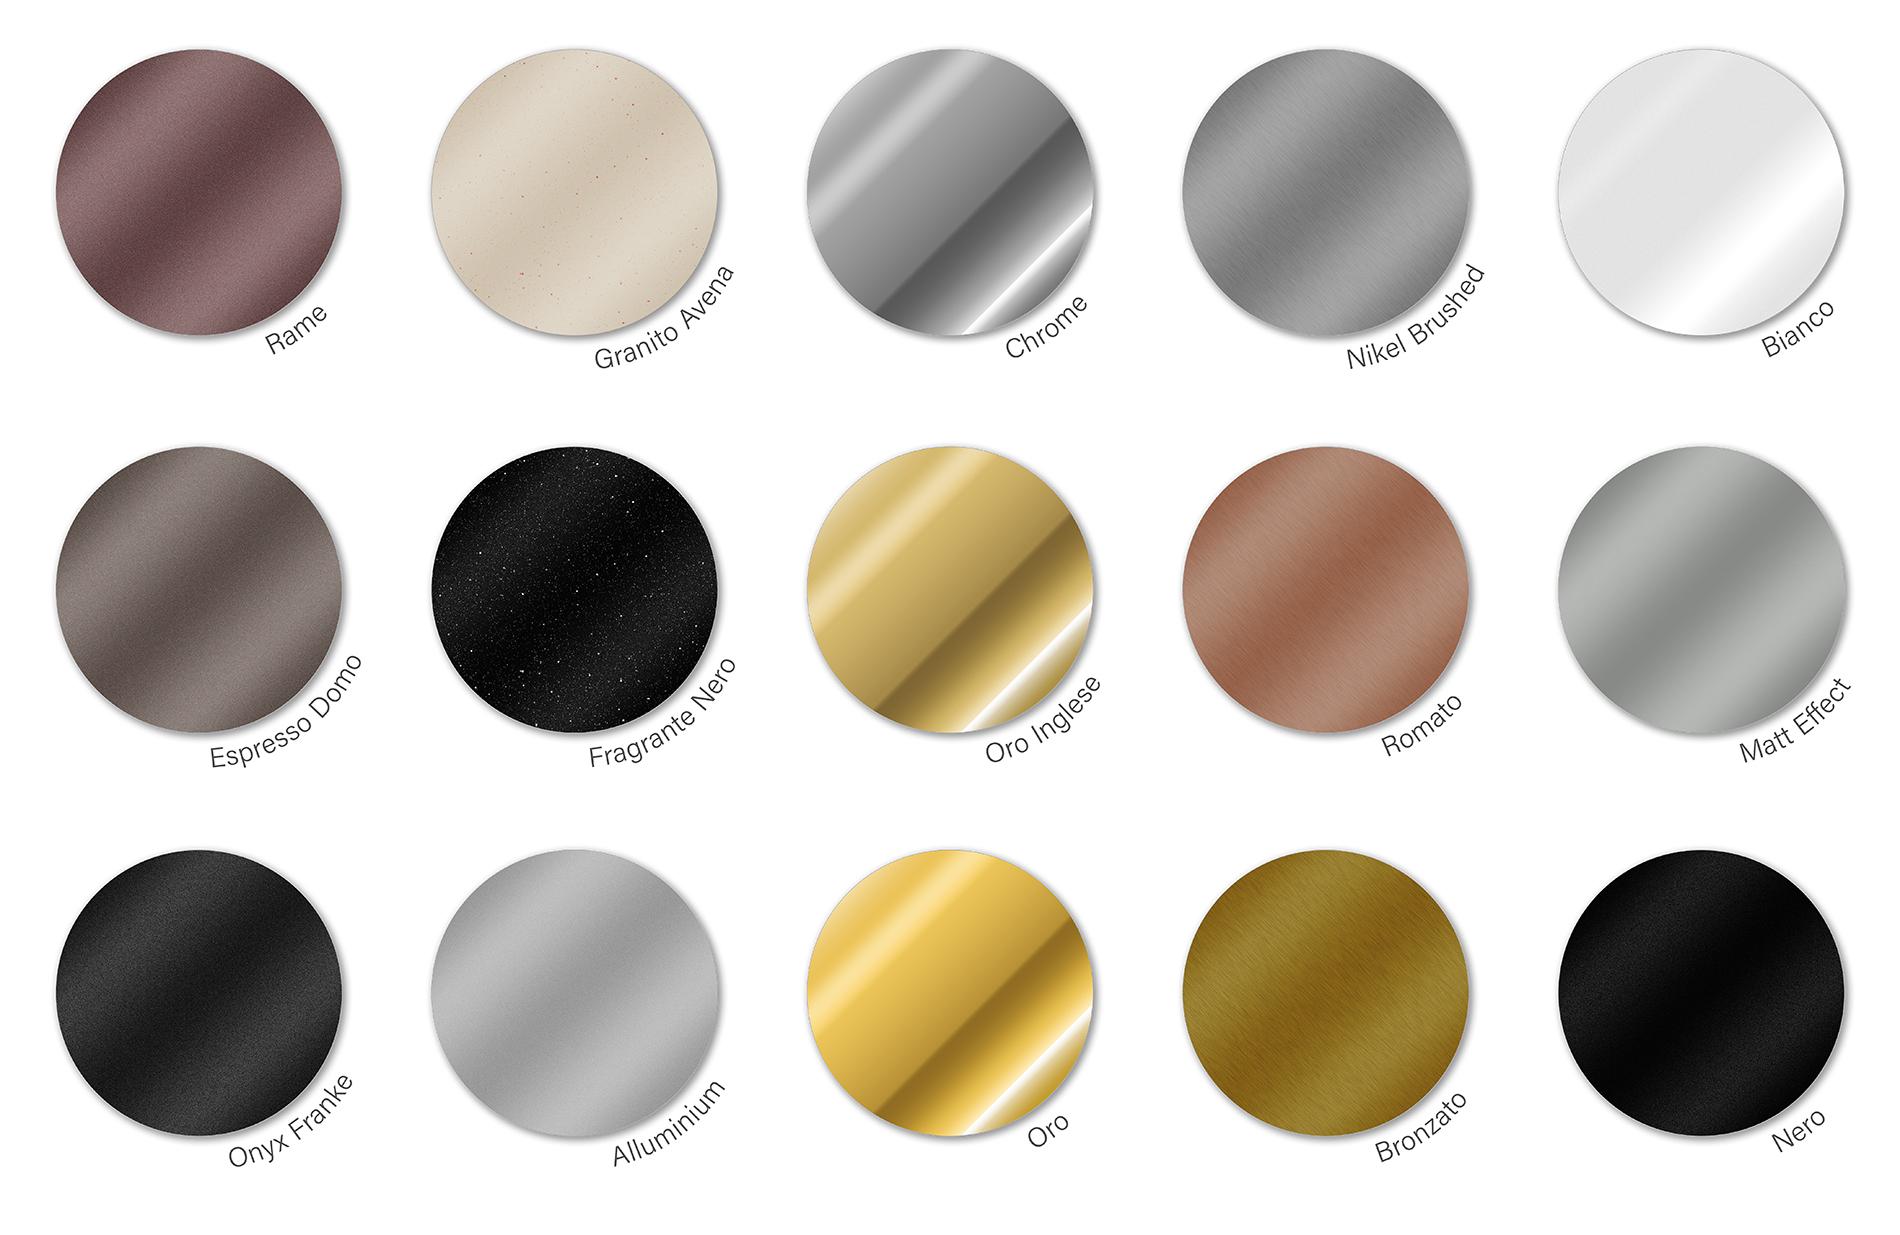 Farbmuster für Armaturbeschichtung